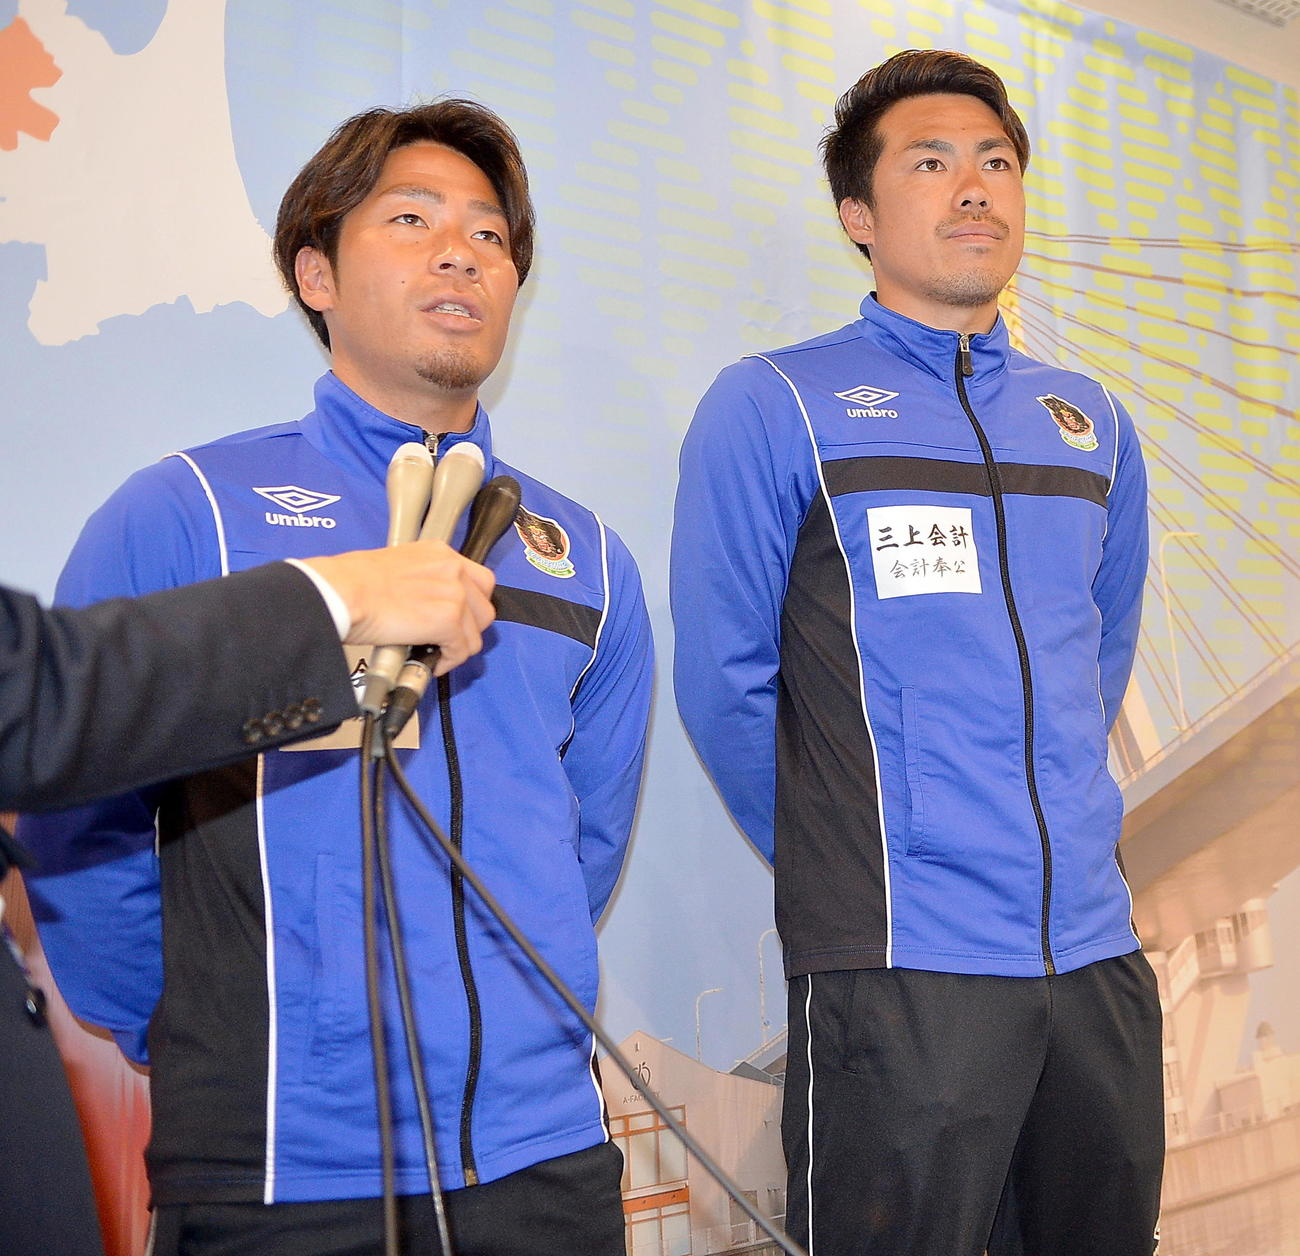 シーズン開幕に向けた意気込みを話すJFL青森のMF小幡(左)とGK横山